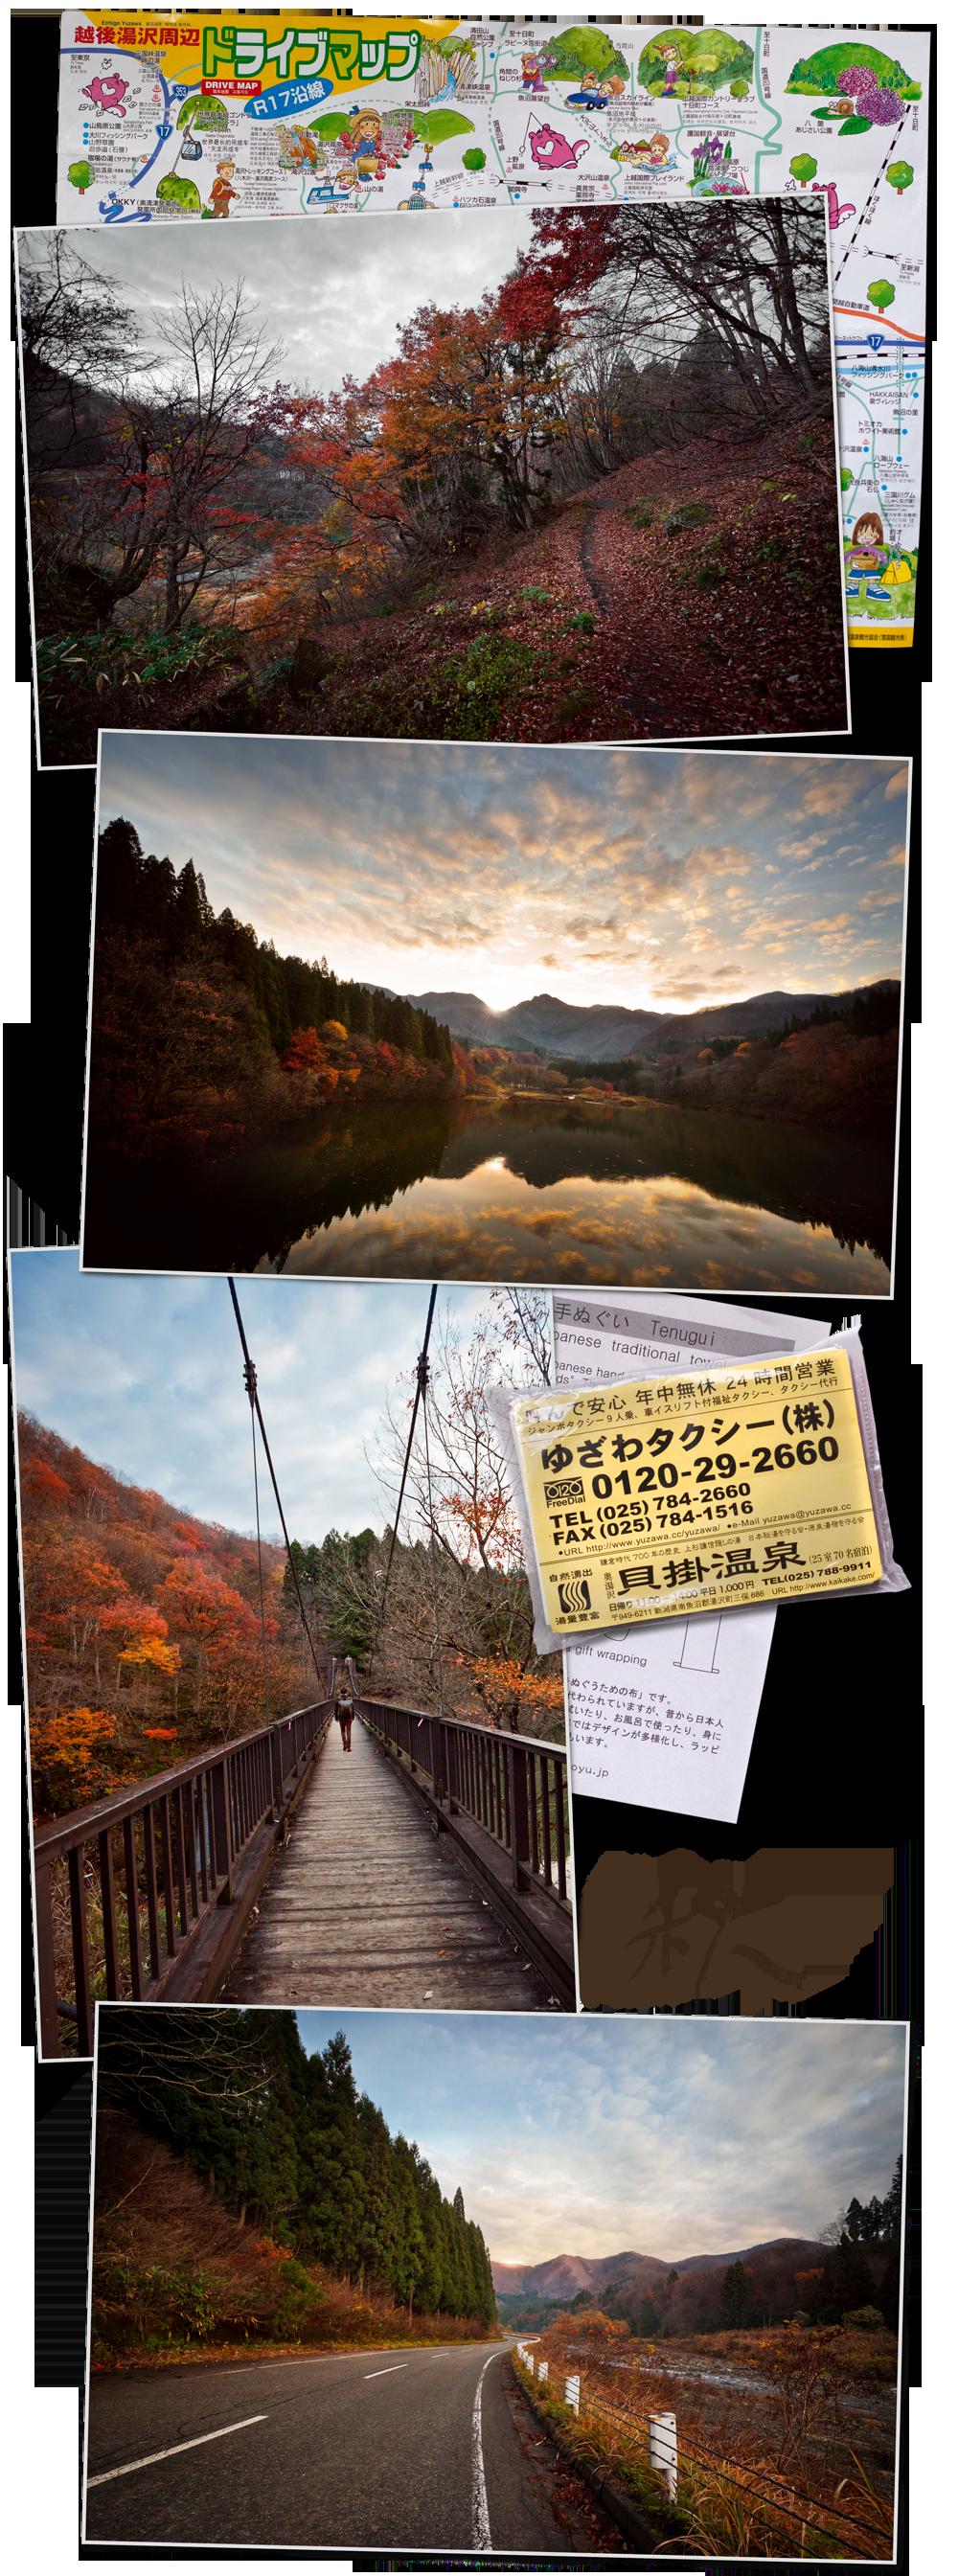 09_japon_009_lac